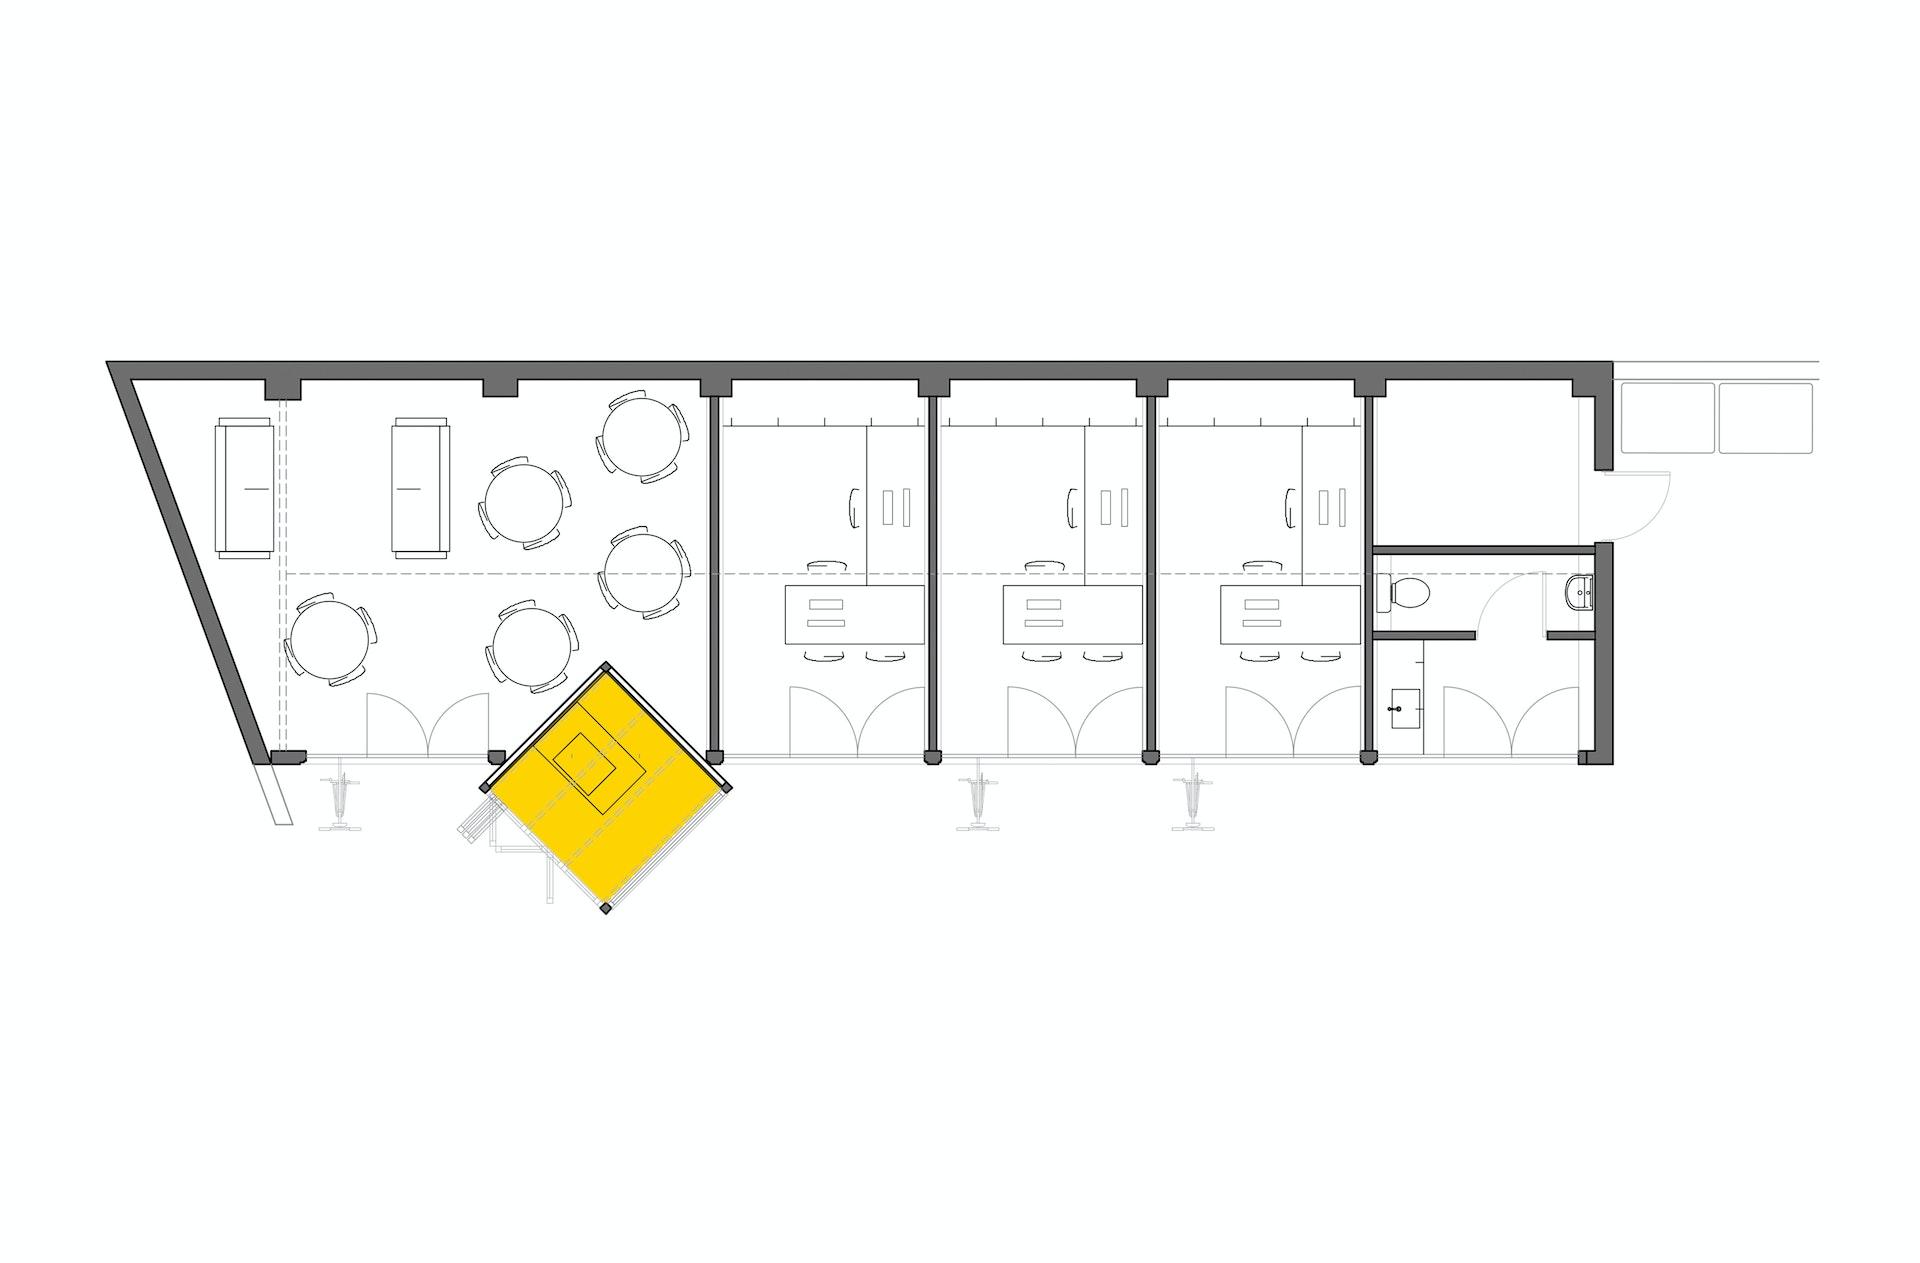 1319_floor plan